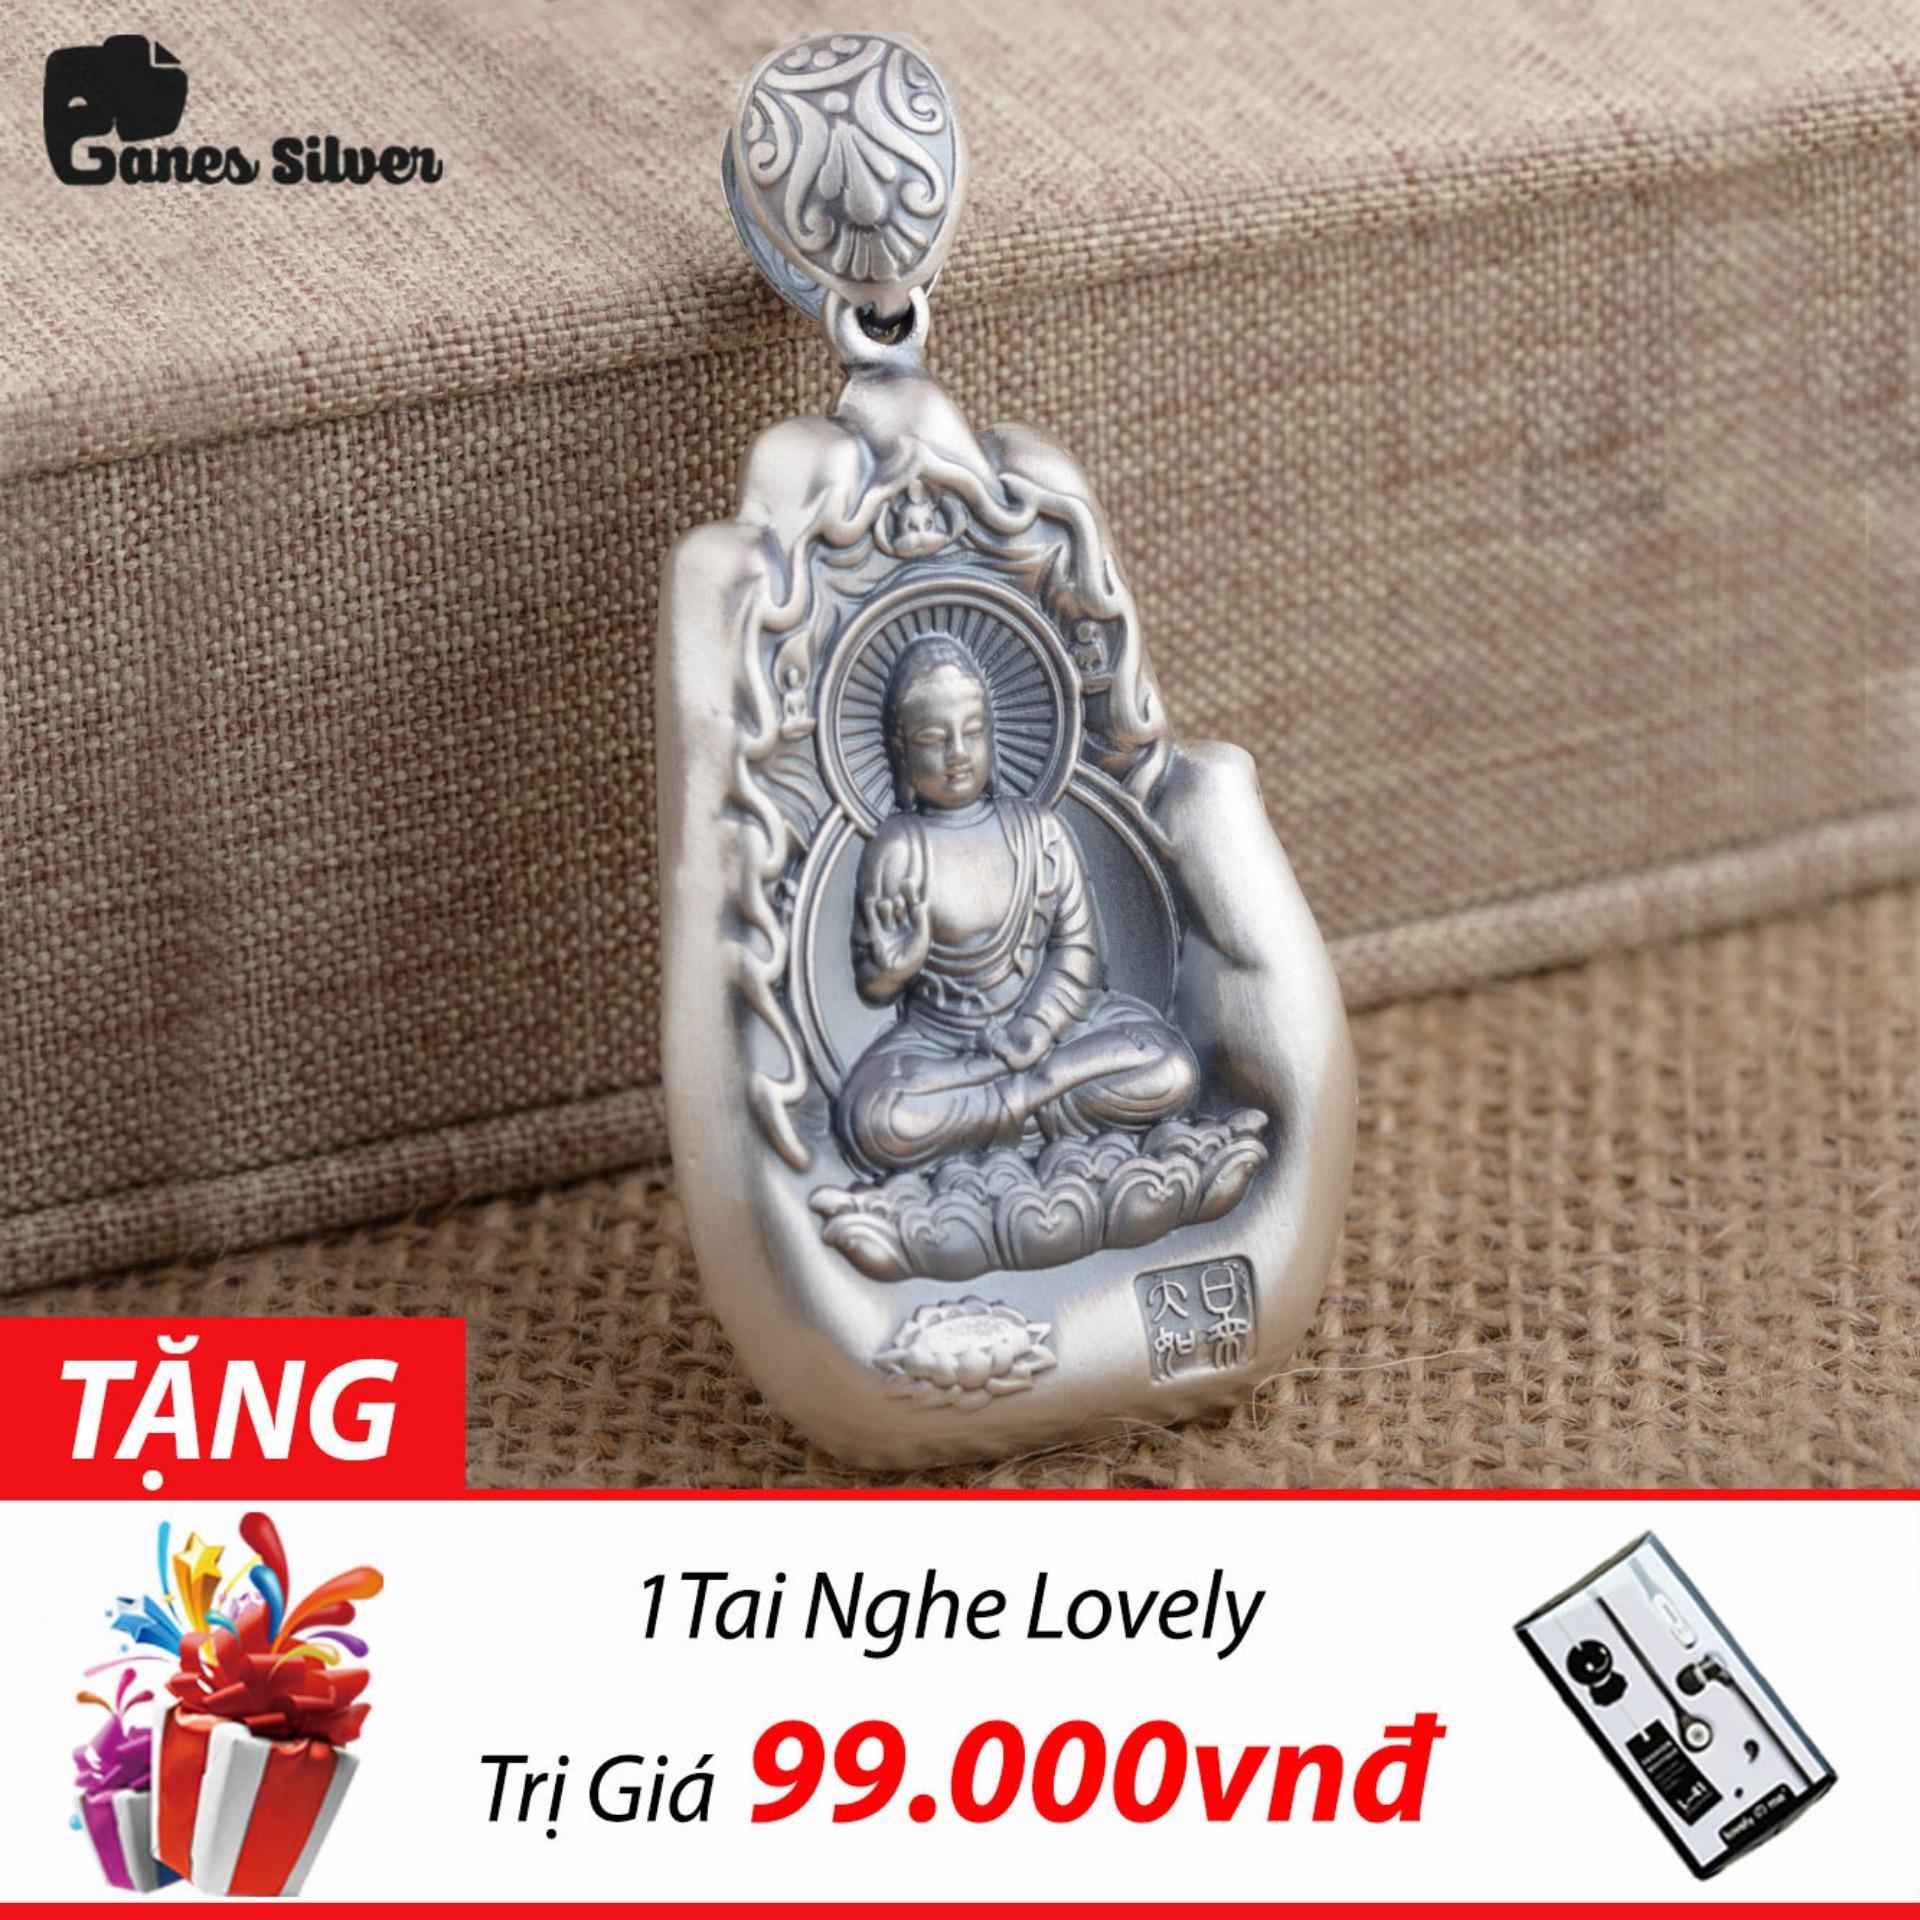 Bán Mua Trực Tuyến Mặt Day Chuyền Bạc Nam Phật A Di Đa Hinh Ban Tay Chất Liệu Bạc Thai Cao Cấp Thương Hiệu Ganes Silver Bạc